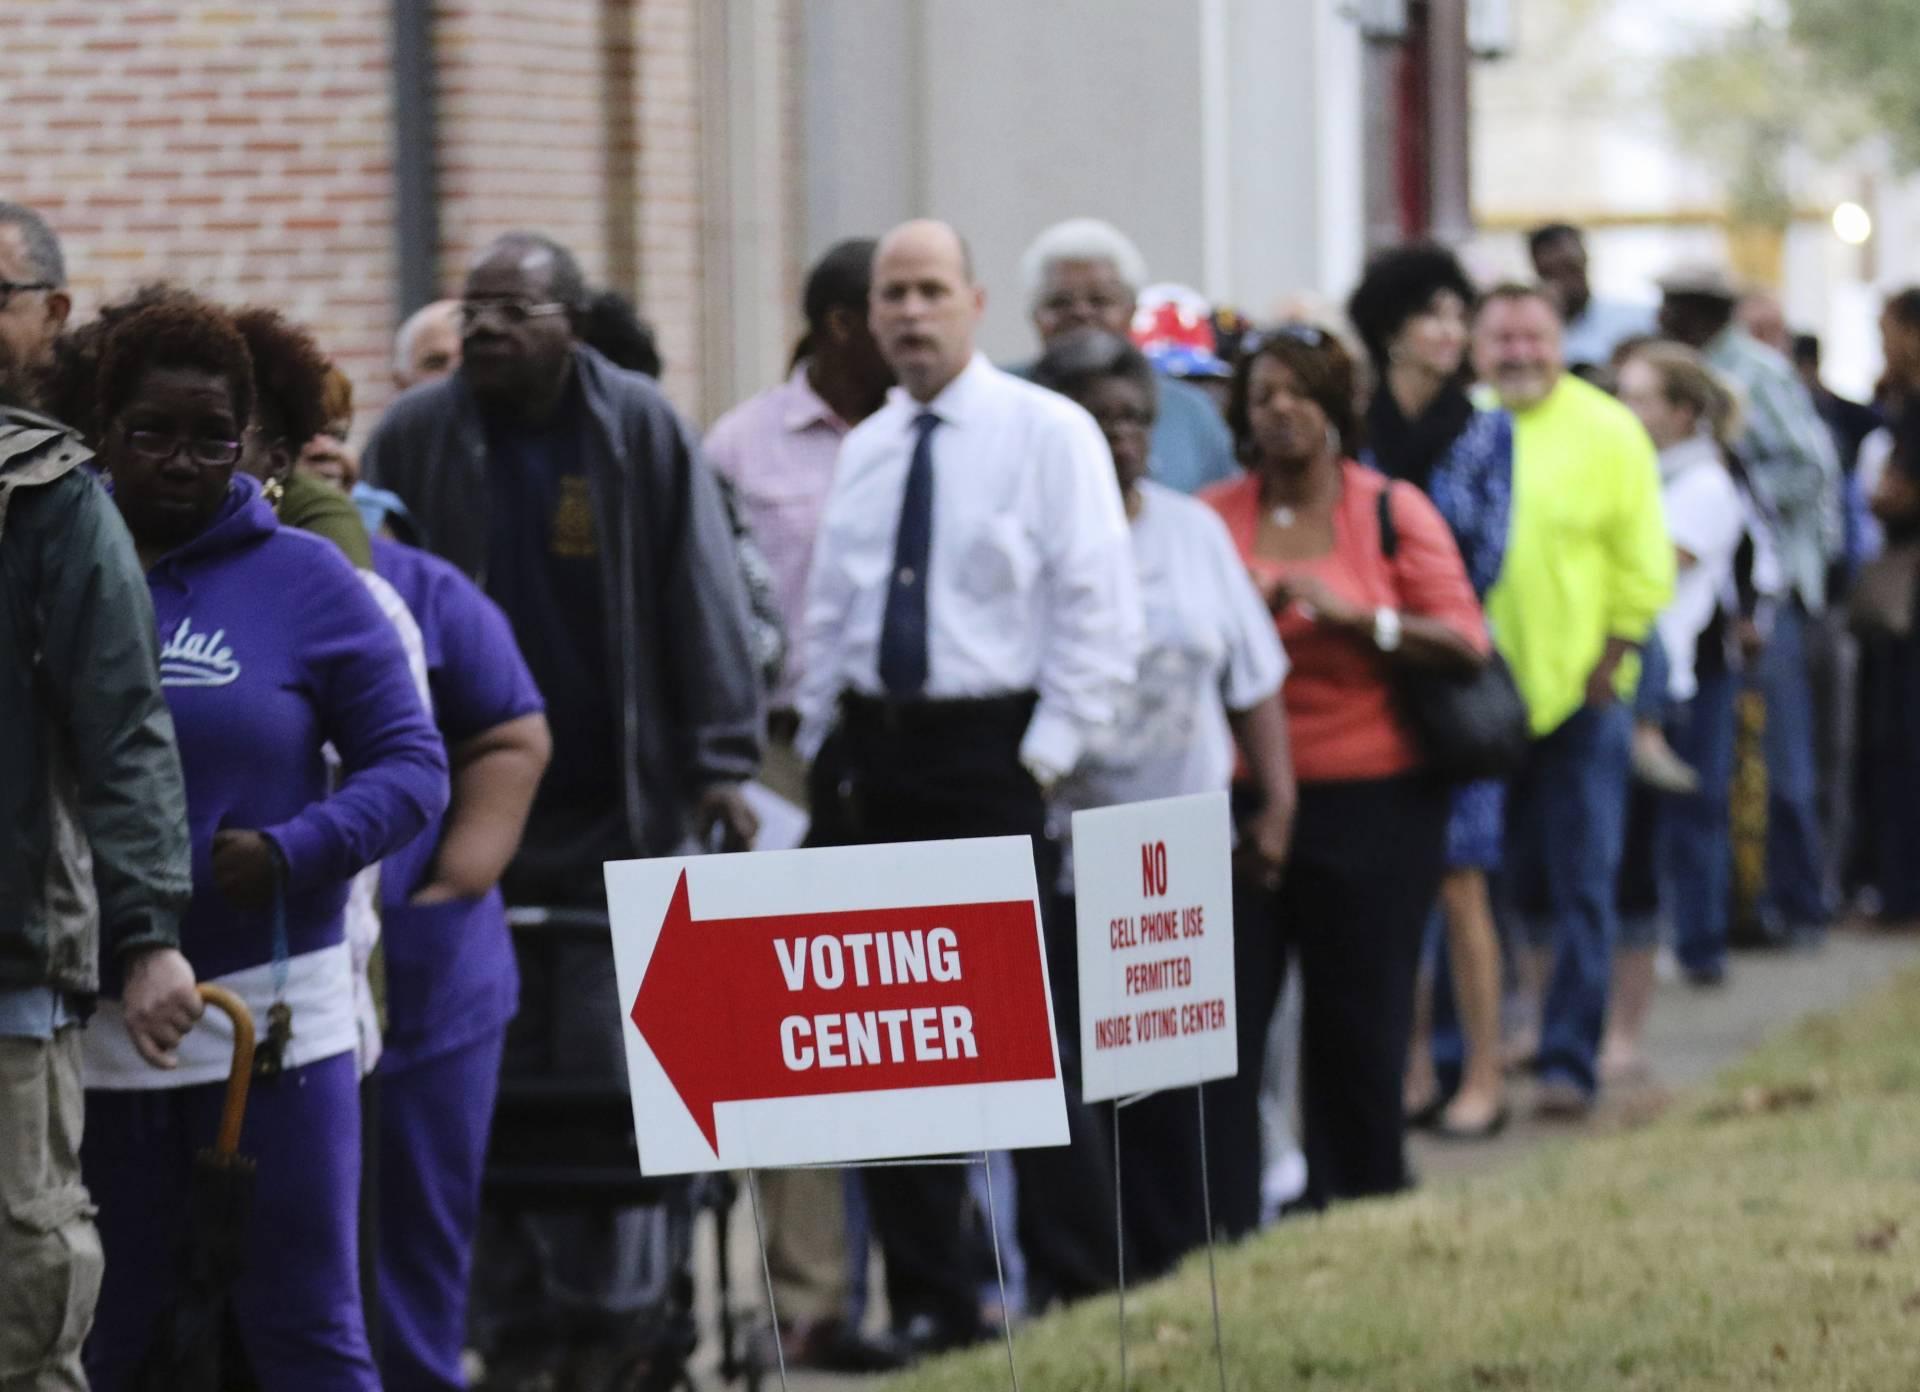 Varias personas esperan su turno para ejercer su derecho al voto en un colegio electoral durante la jornada de elecciones presidenciales en Mobile (Alabama). EFE